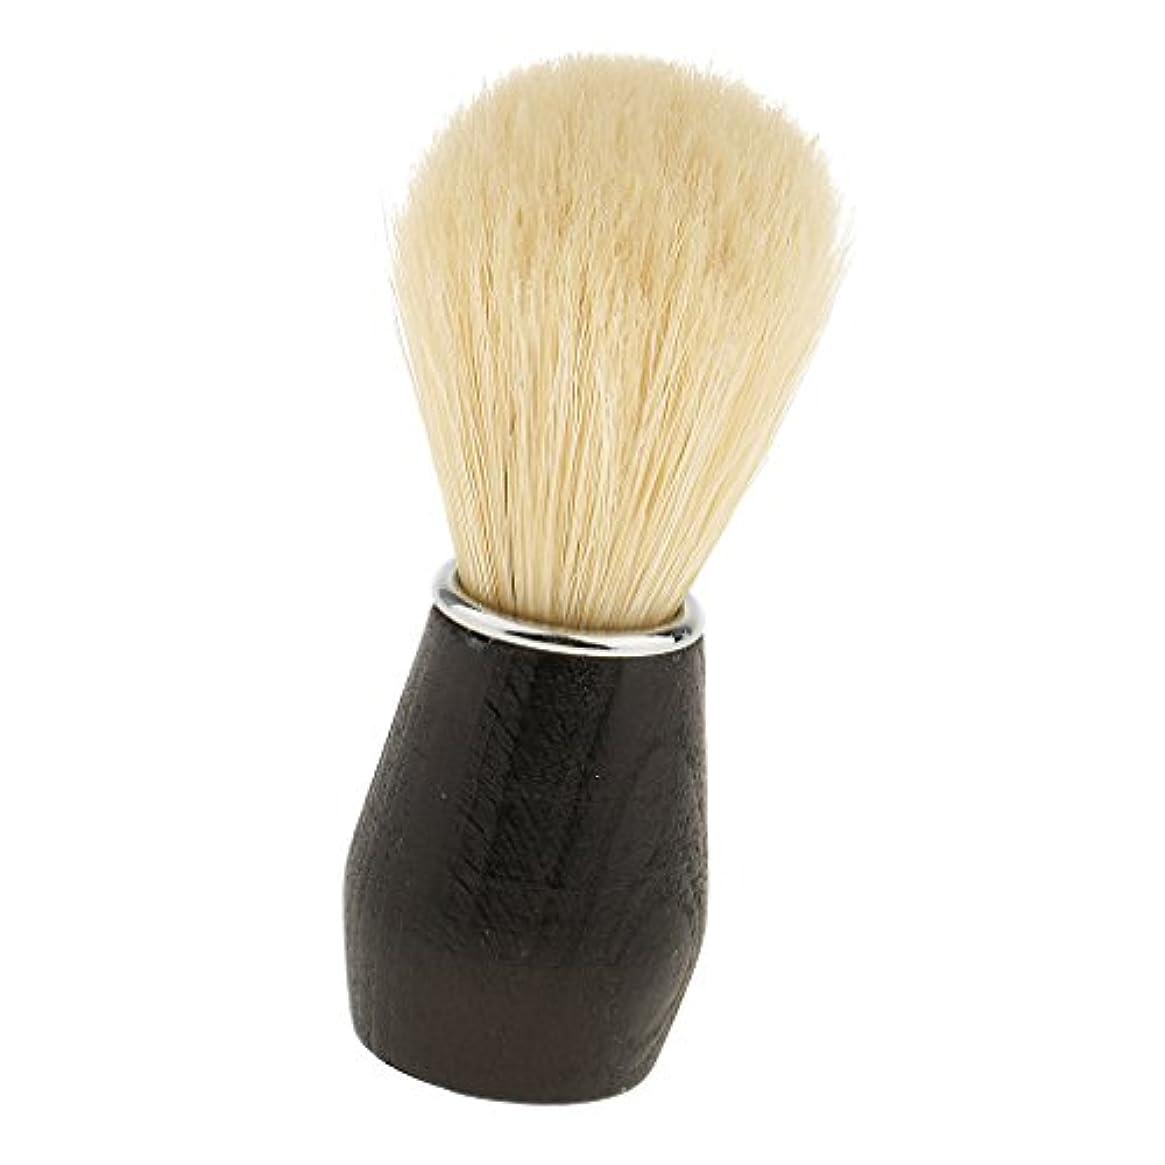 職業コロニーどうやらBaosity 父のギフト ソフト 実用的 プロフェッショナル バーバーサロン家庭用 ひげ剃りブラシ プラスチックハンドル フェイシャルクリーニングブラシ ブラック